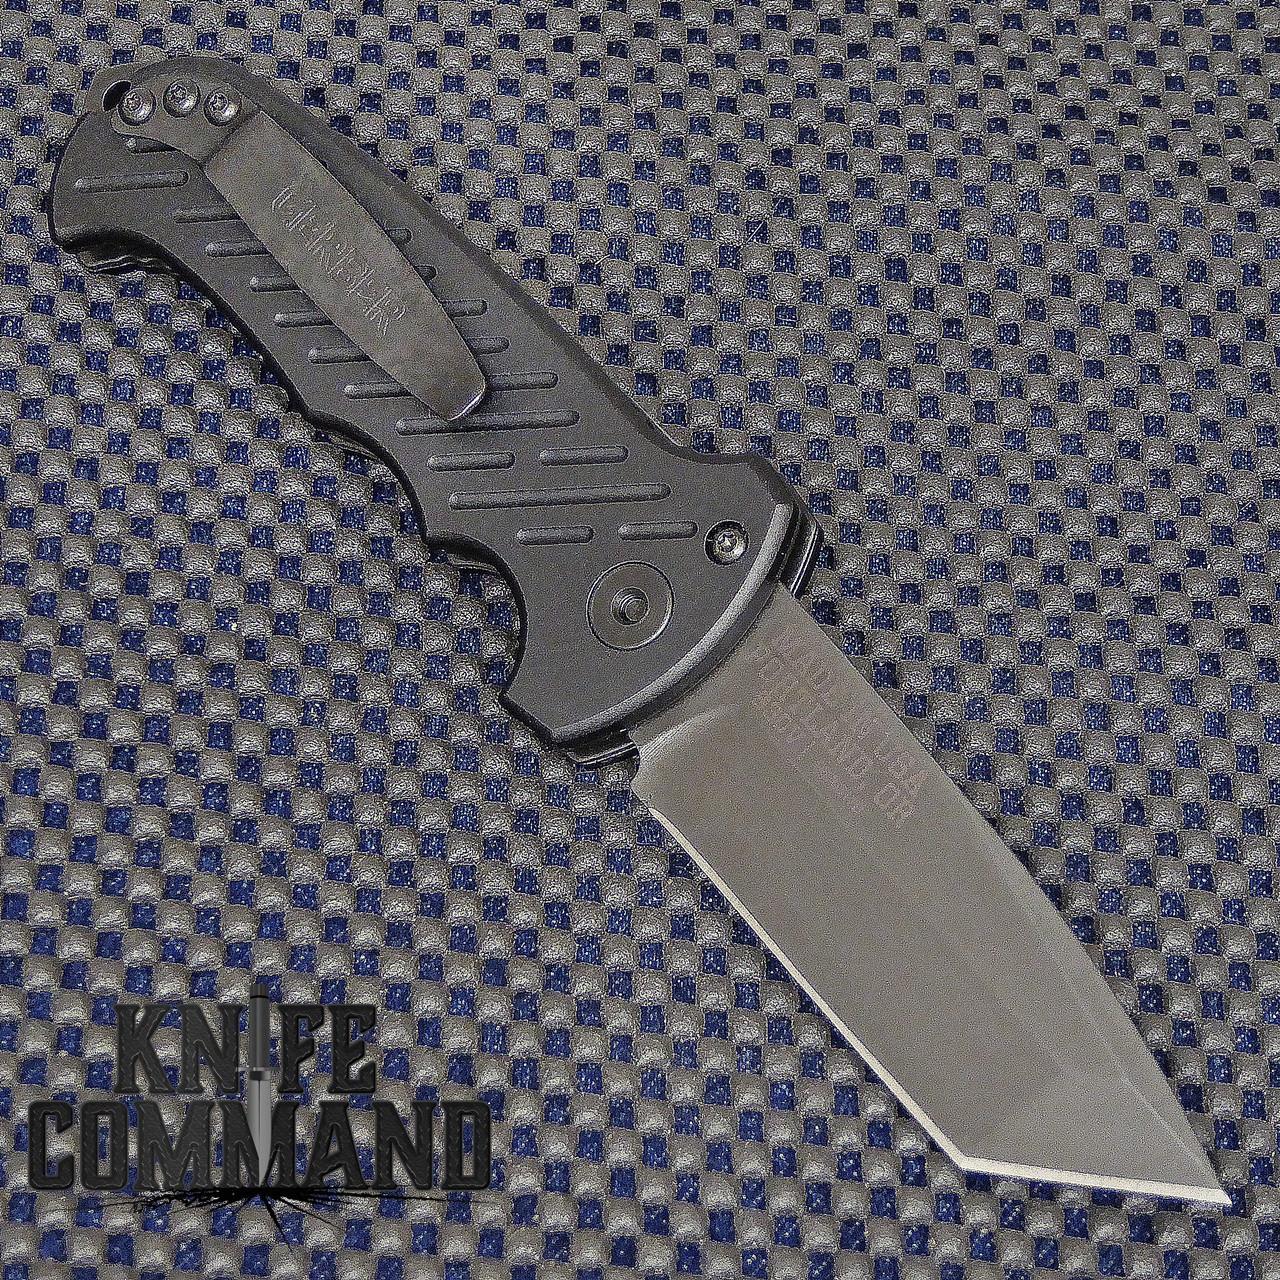 Gerber 06 Auto Tanto Blade Automatic Knife Plain Edge 30-001297.  S30V blade.